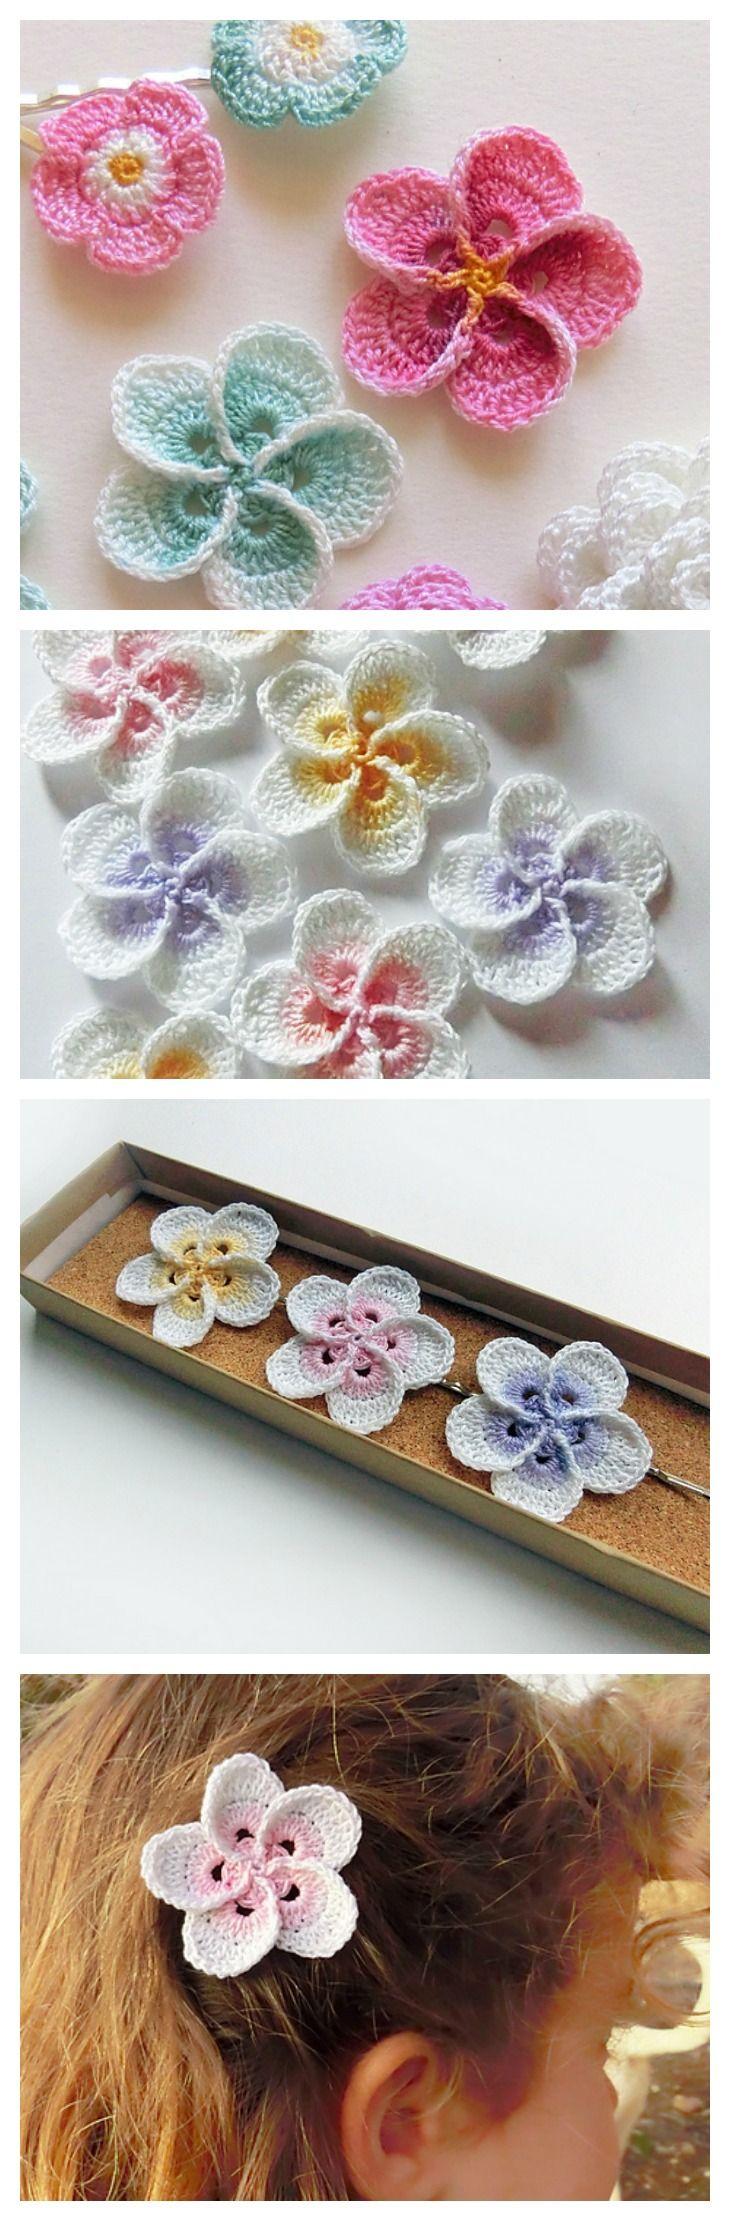 Crochet Hawaiian Plumeria Flower with Pattern | Häkeln, Häkelblumen ...